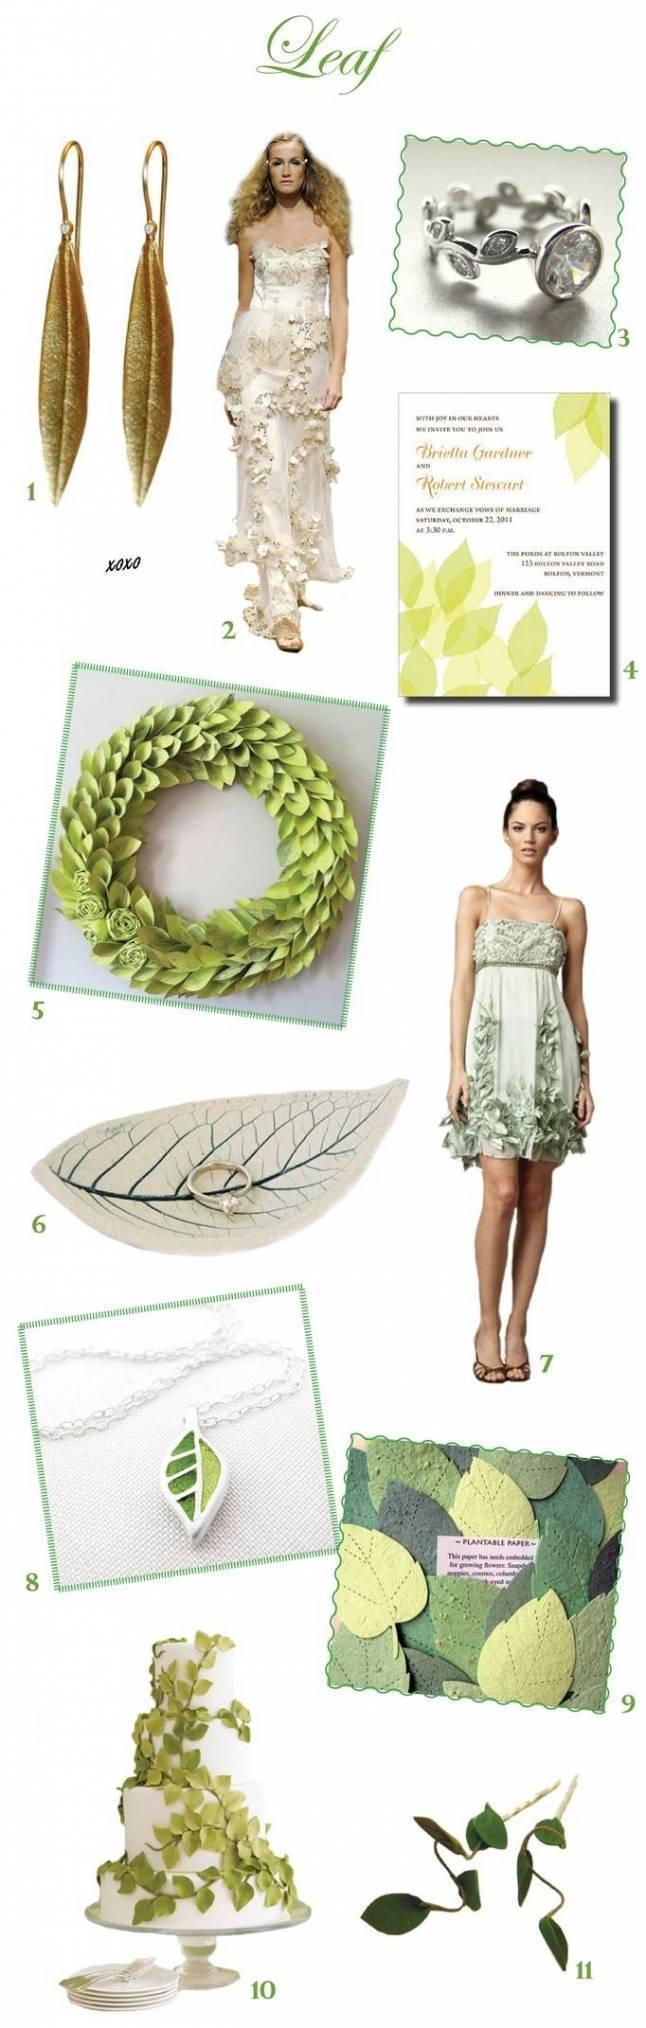 Leafy Green Wedding Inspiration